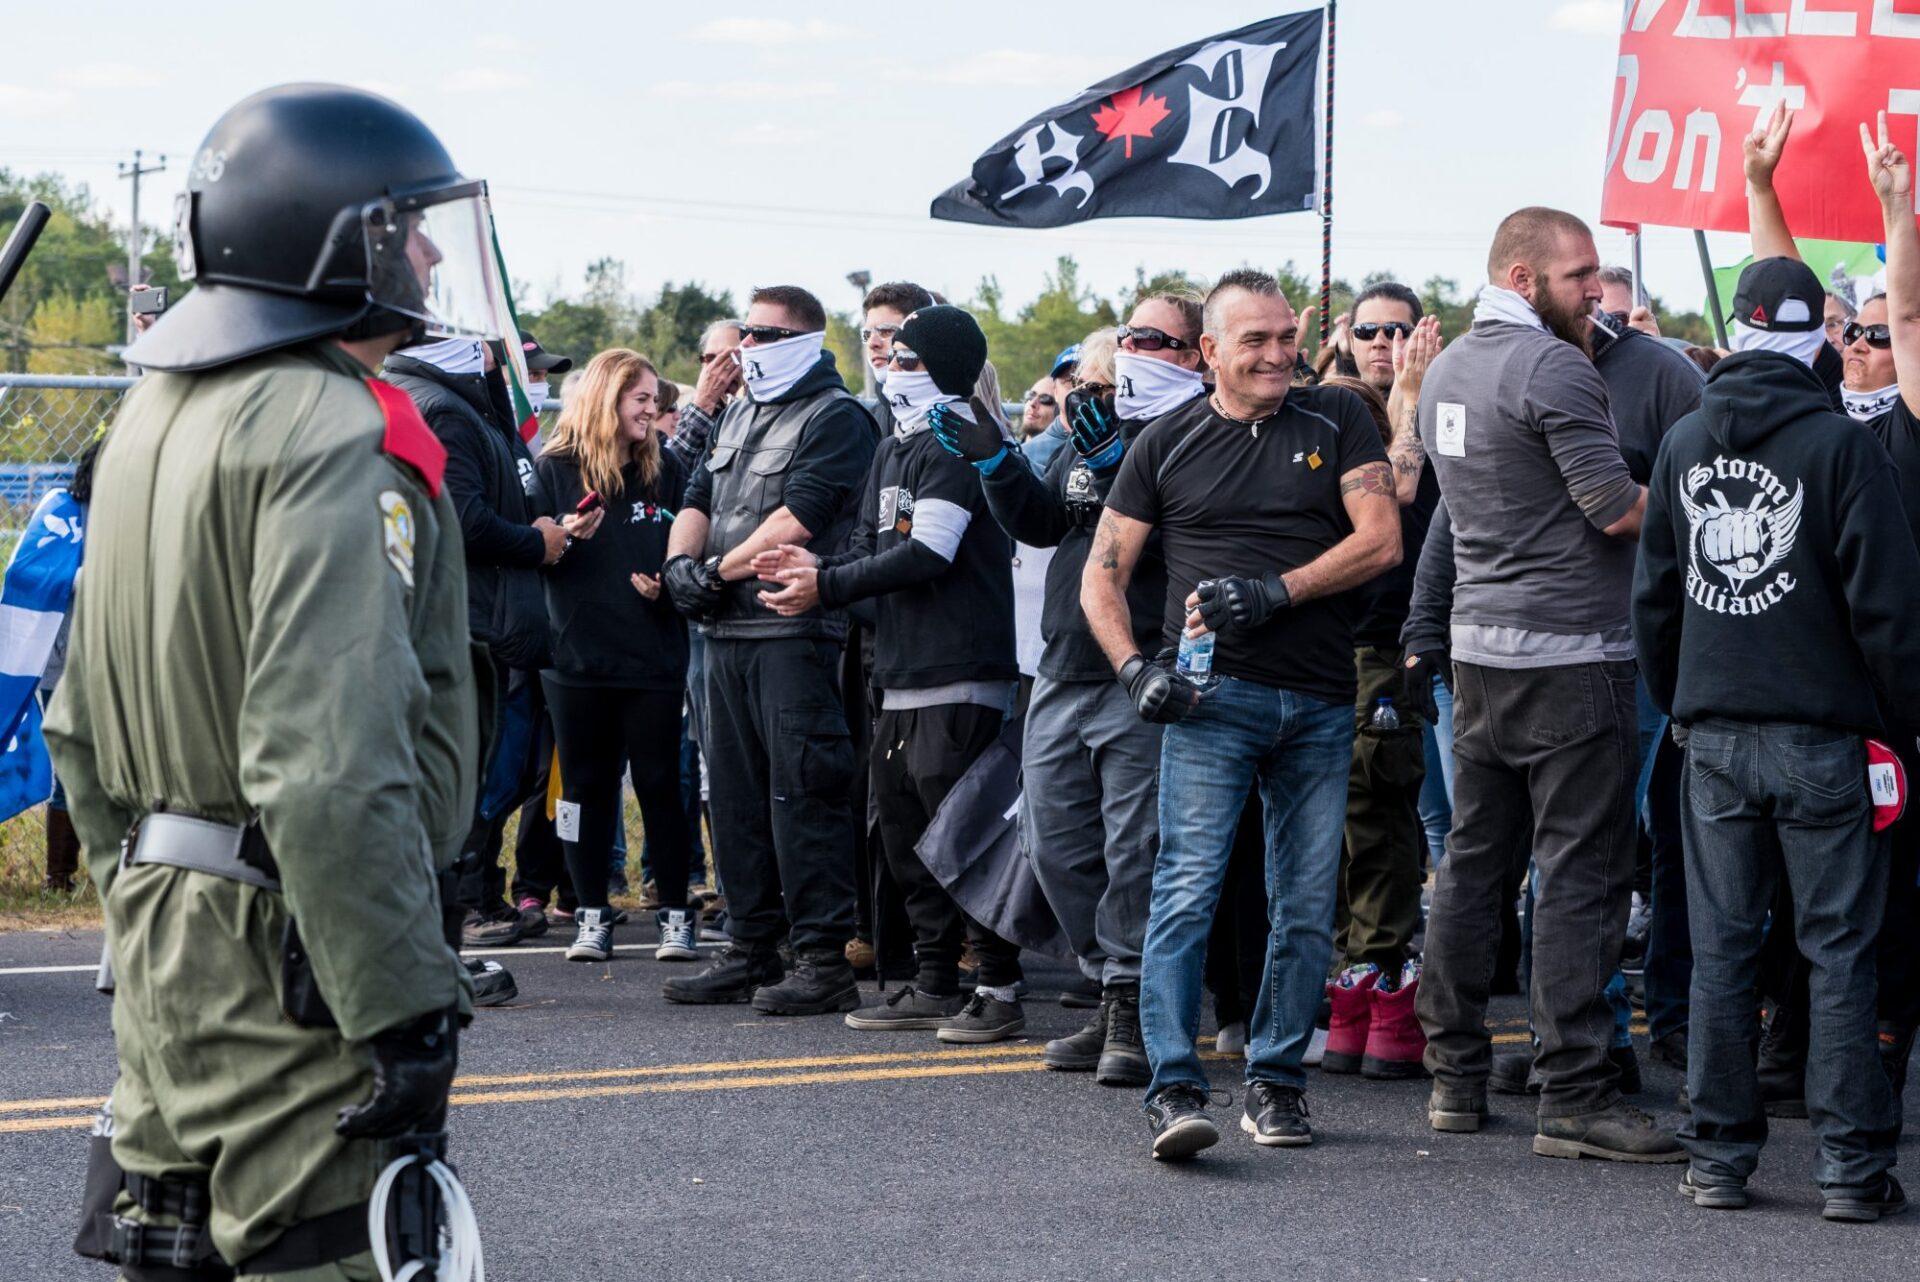 Plusieurs figures connues du groupe d'extrême droite étaient présentes sur place | Photo: Martin Ouellet-Diotte  Montréal Campus